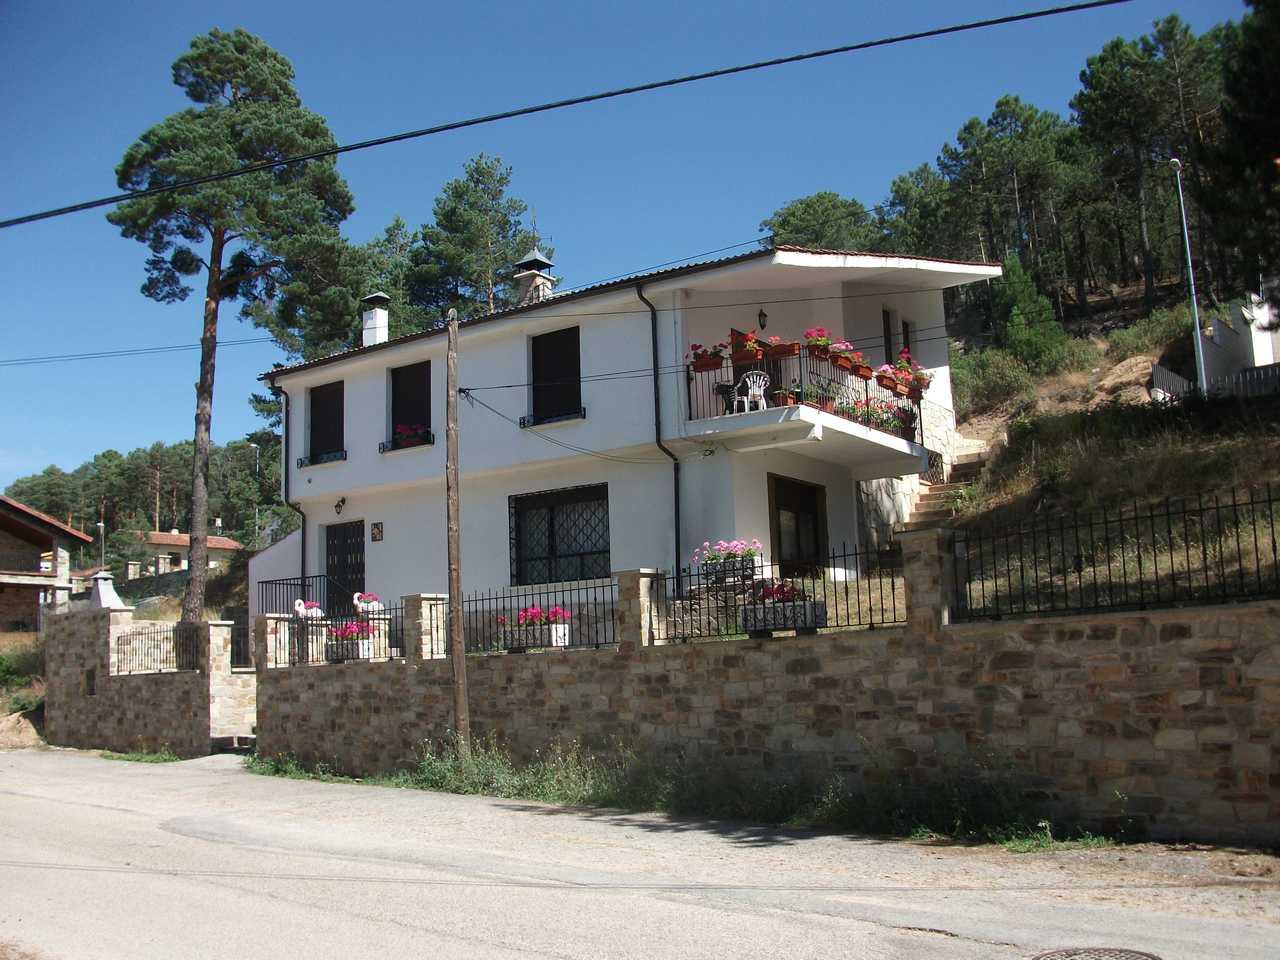 Alquiler de casa rural con jardín y barbacoa en San Leonardo de Yagüe, casa rural Fuente del Pino, Soria